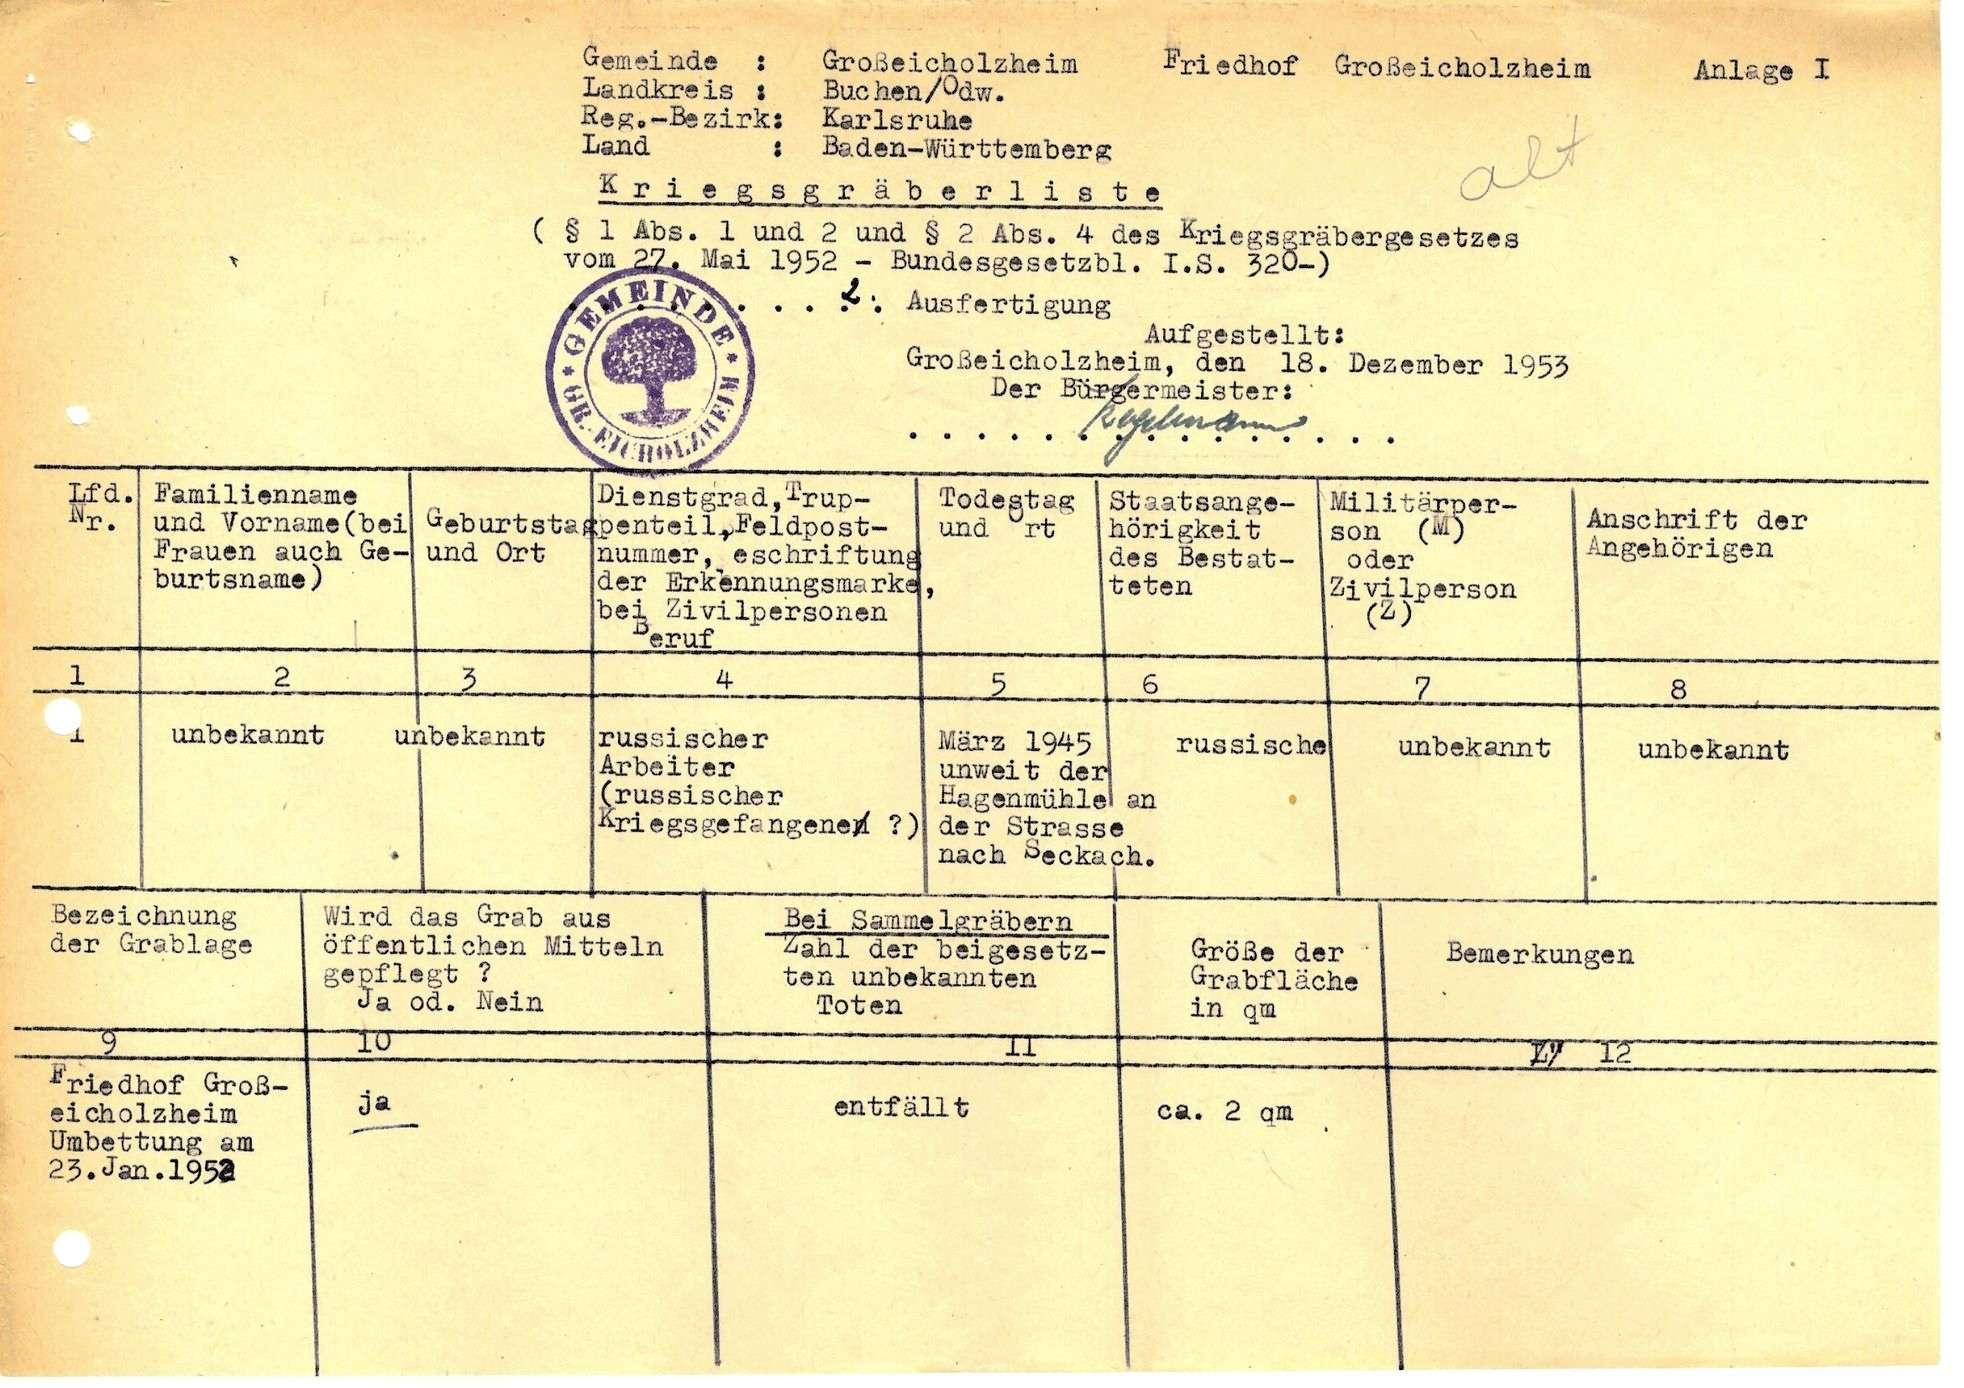 Großeicholzheim, Bild 2